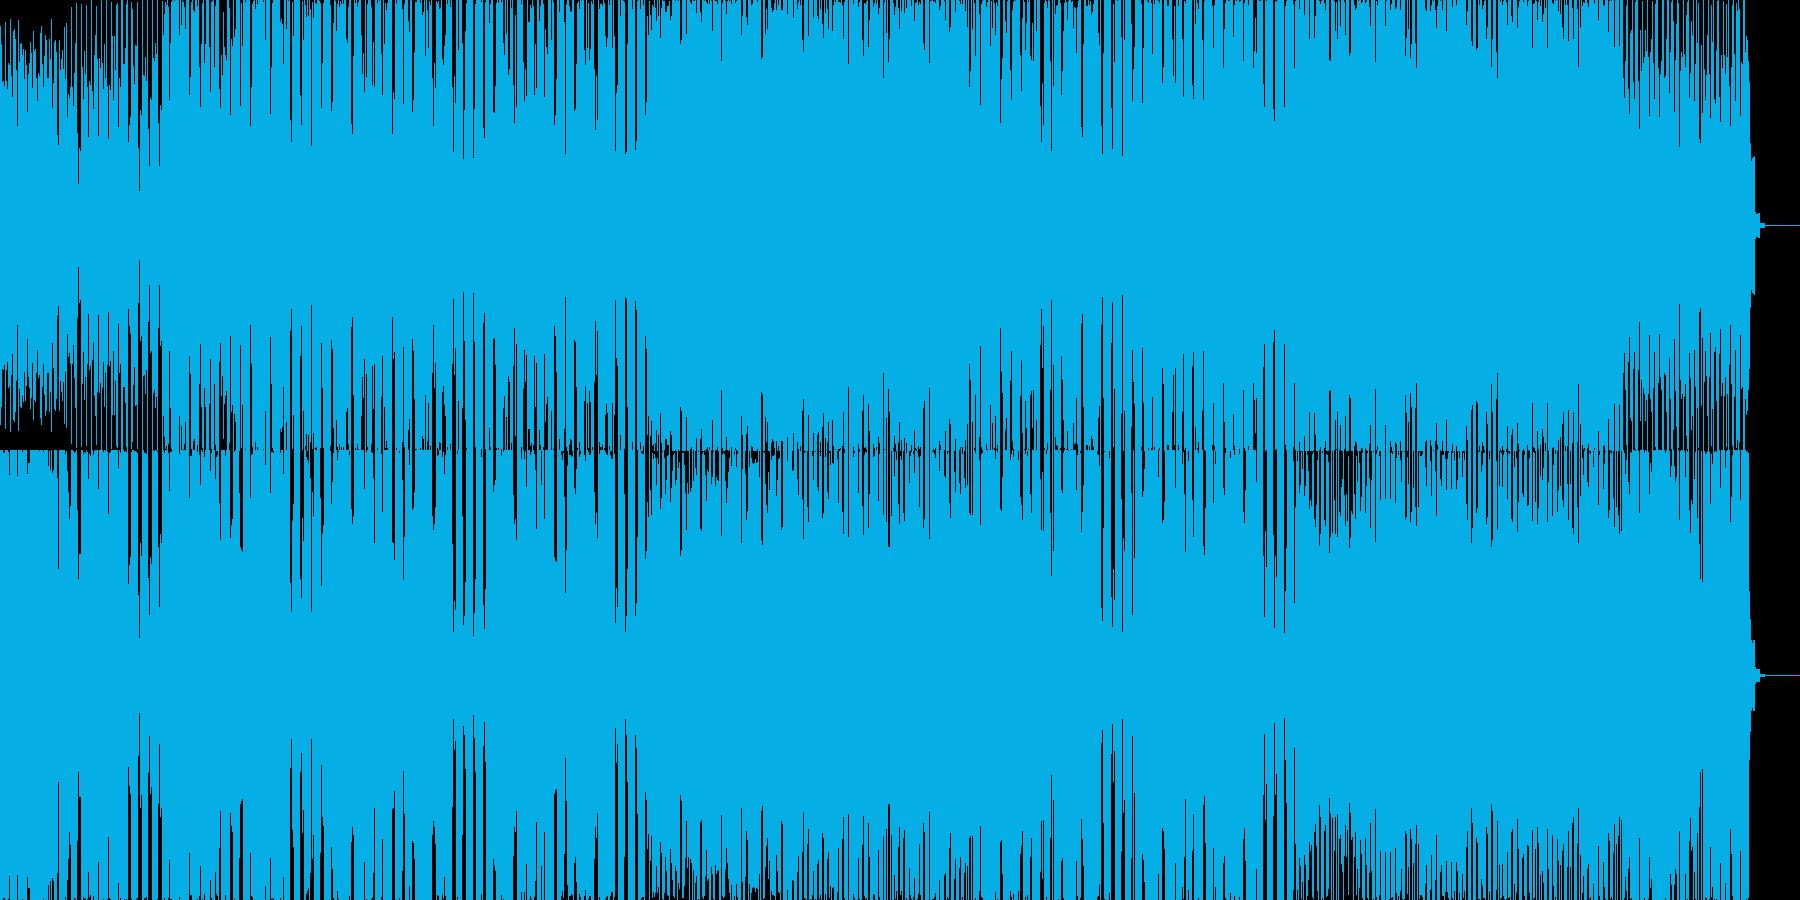 アコギとシンセとクラップ、軽快なリズムの再生済みの波形